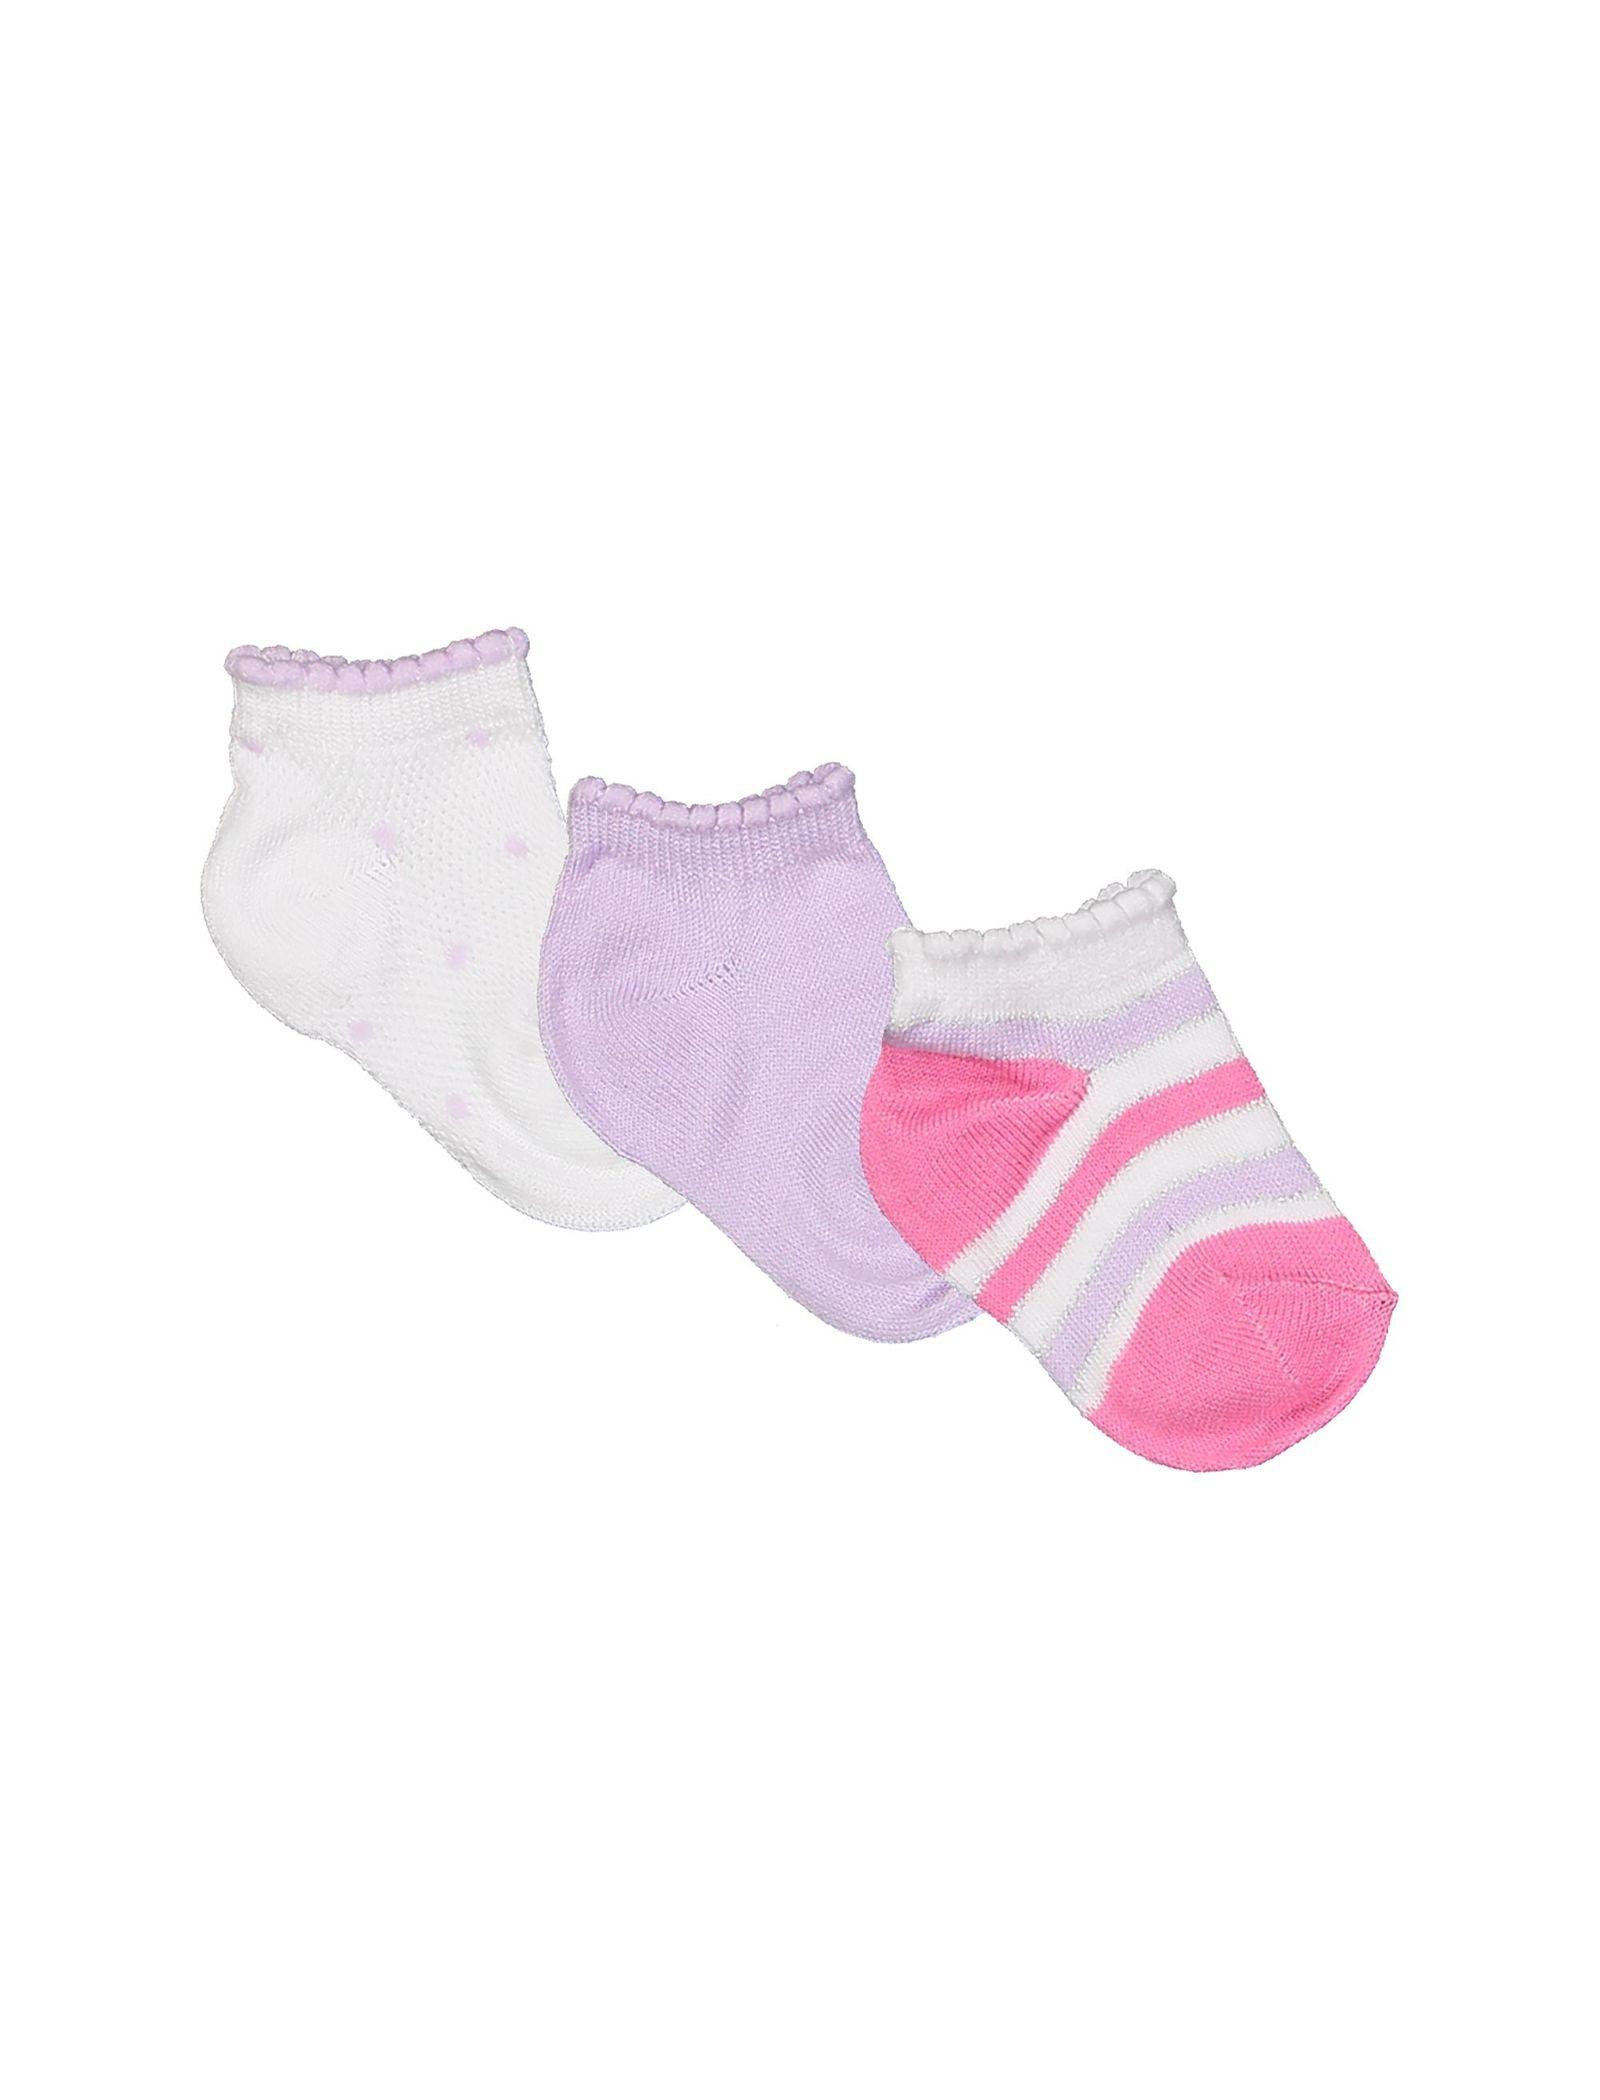 جوراب نخی نوزادی دخترانه بسته 3 عددی - بلوکیدز - بنفش و سفيد - 1